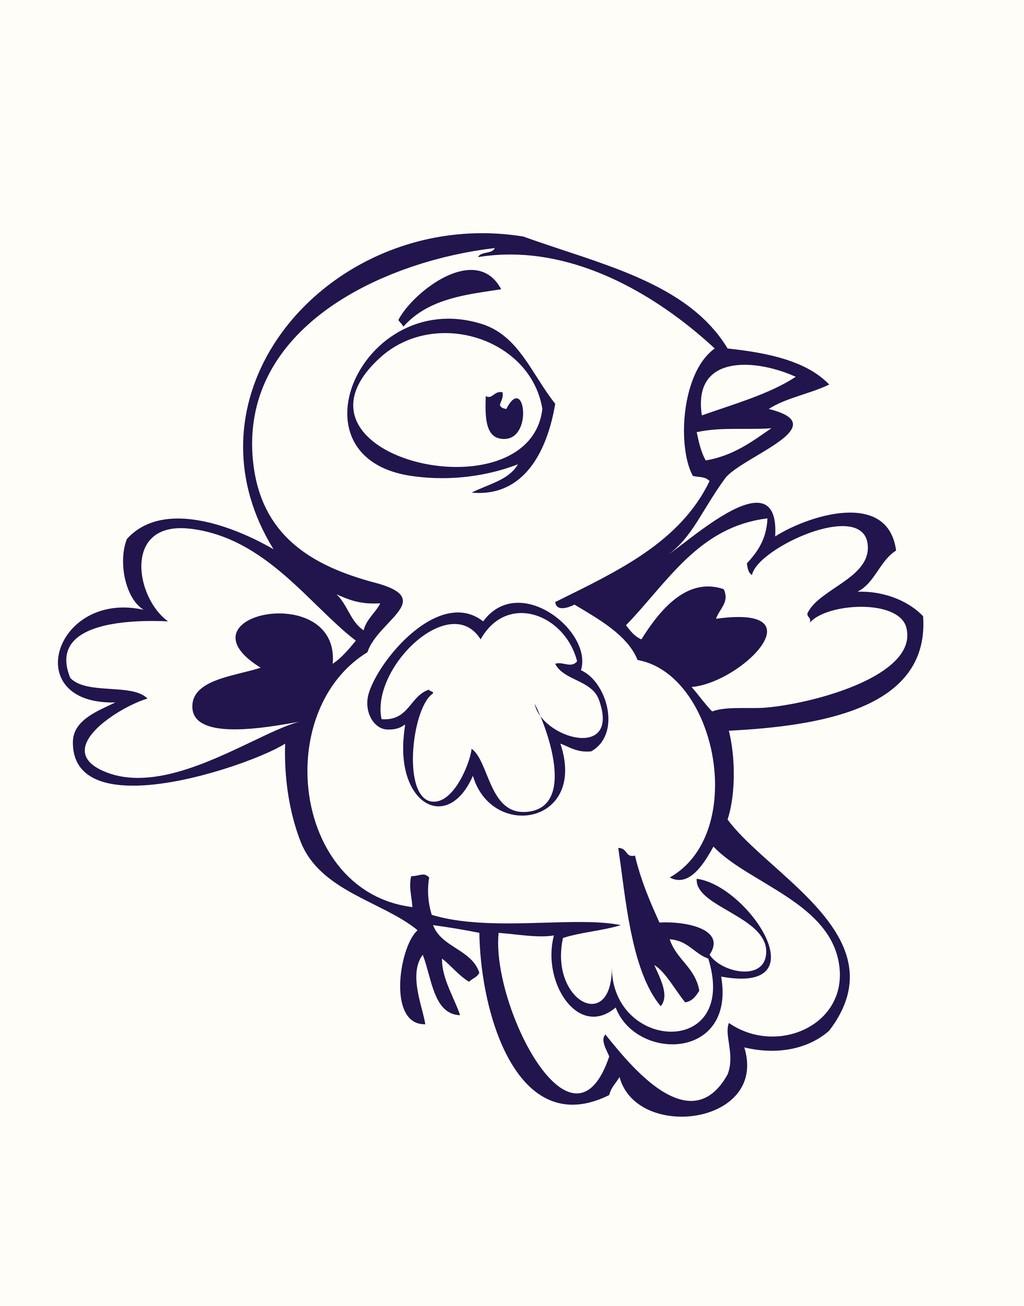 卡通小鸟简笔矢量图